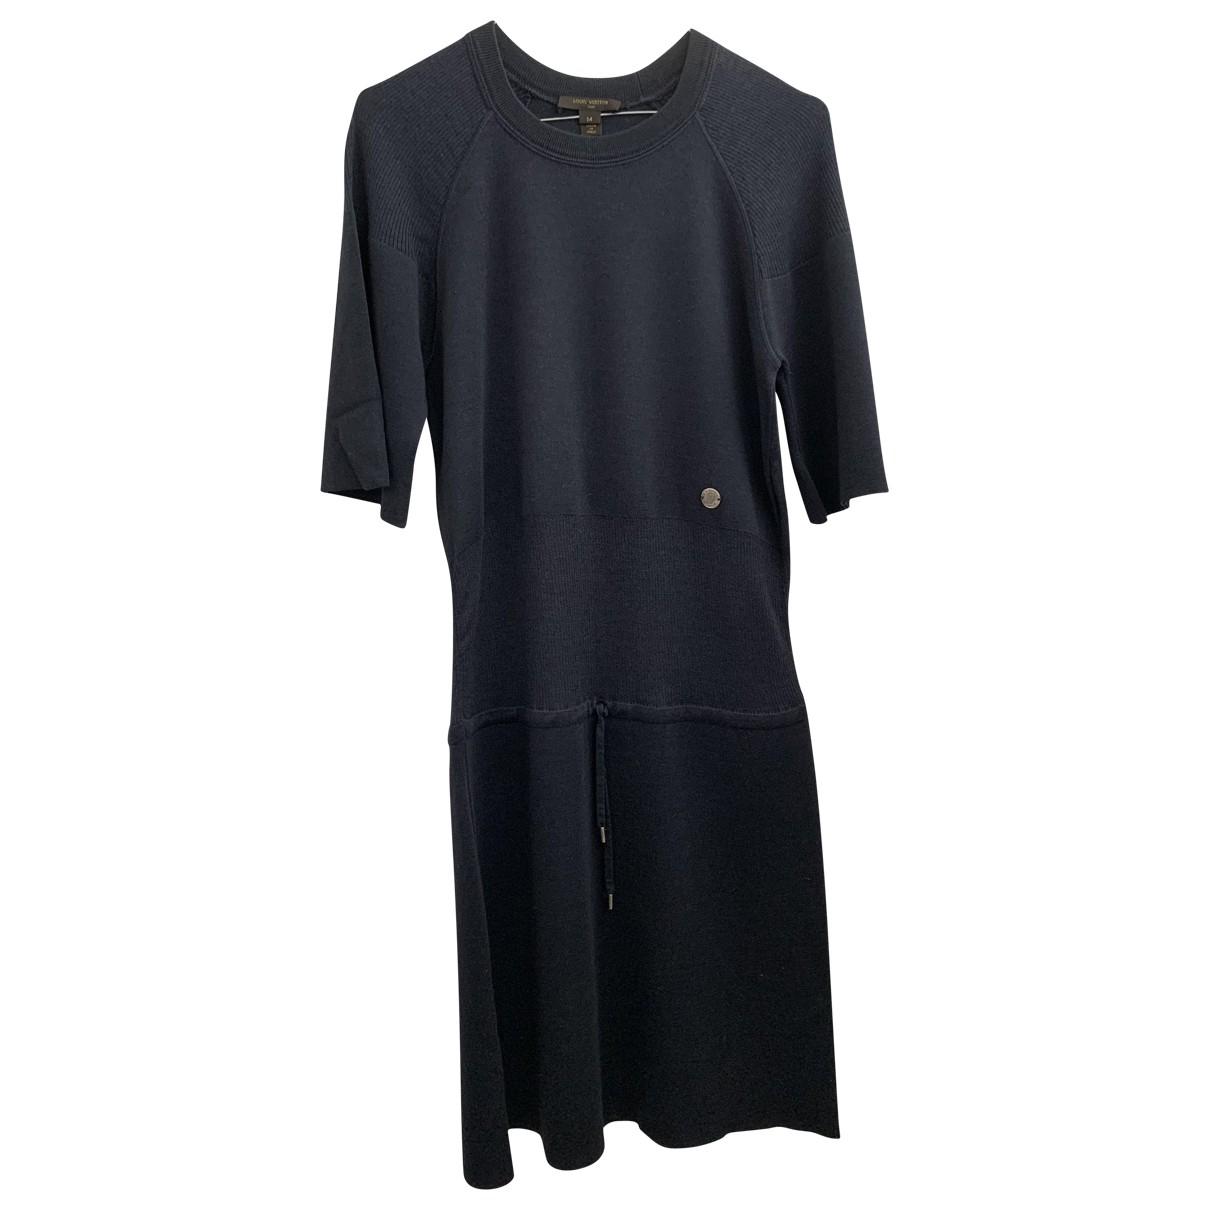 Louis Vuitton \N Kleid in  Blau Wolle